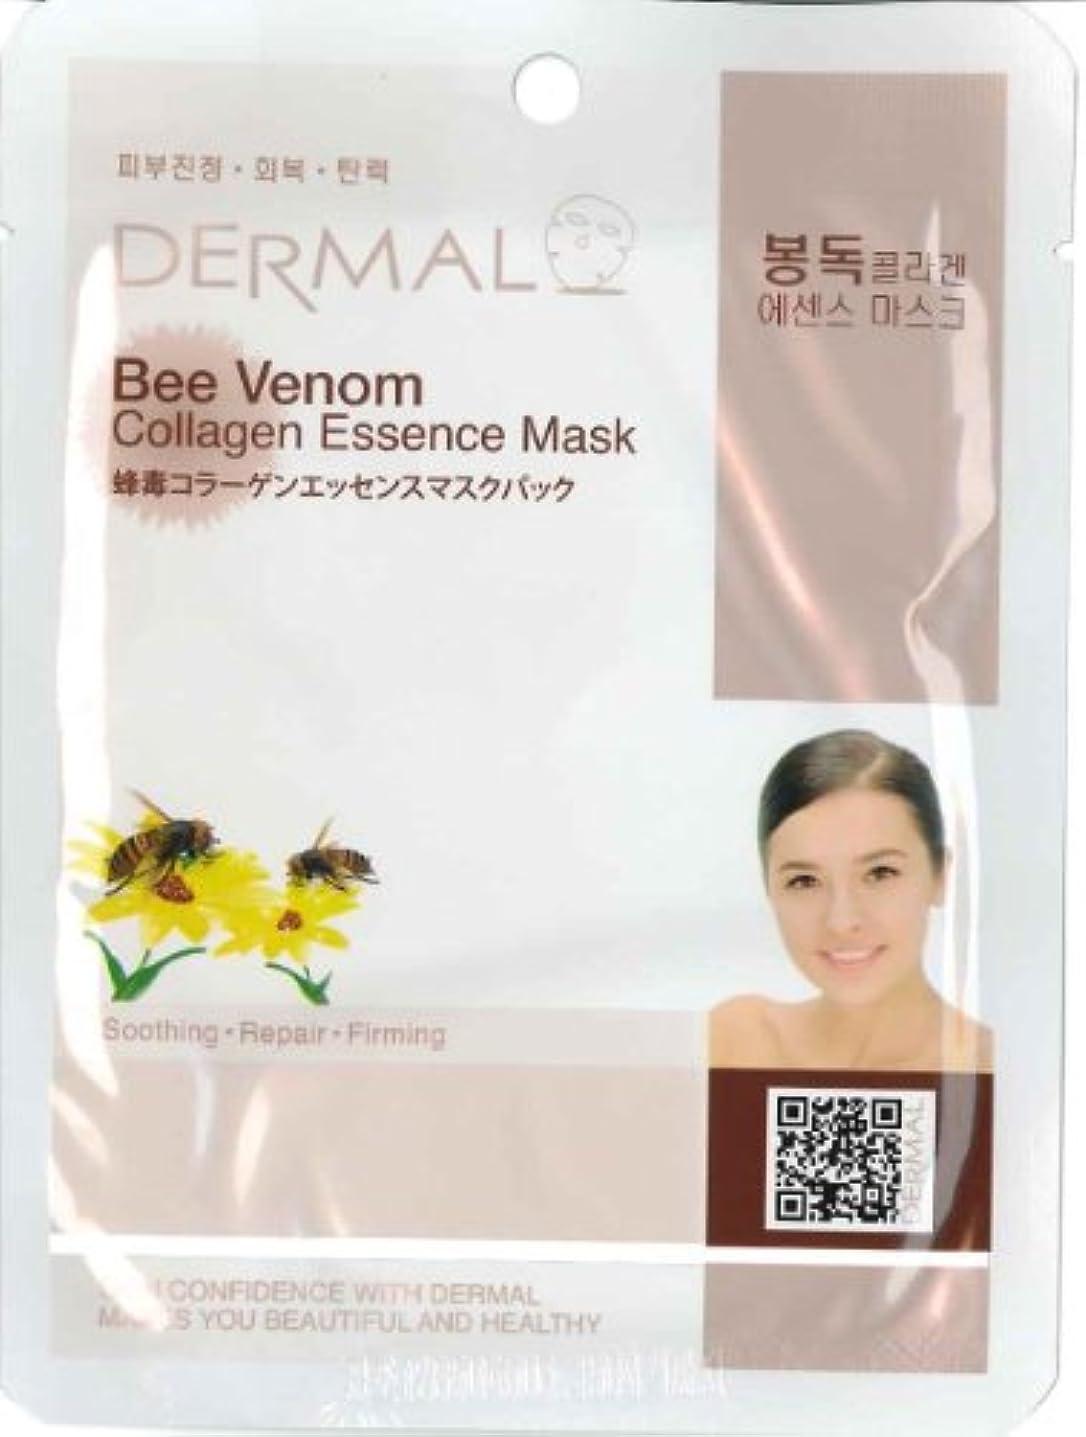 アブストラクト出発窓を洗う蜂毒パック(フェイスパック)ミツバチ毒シートマスク 100枚セット ダーマル(Dermal)